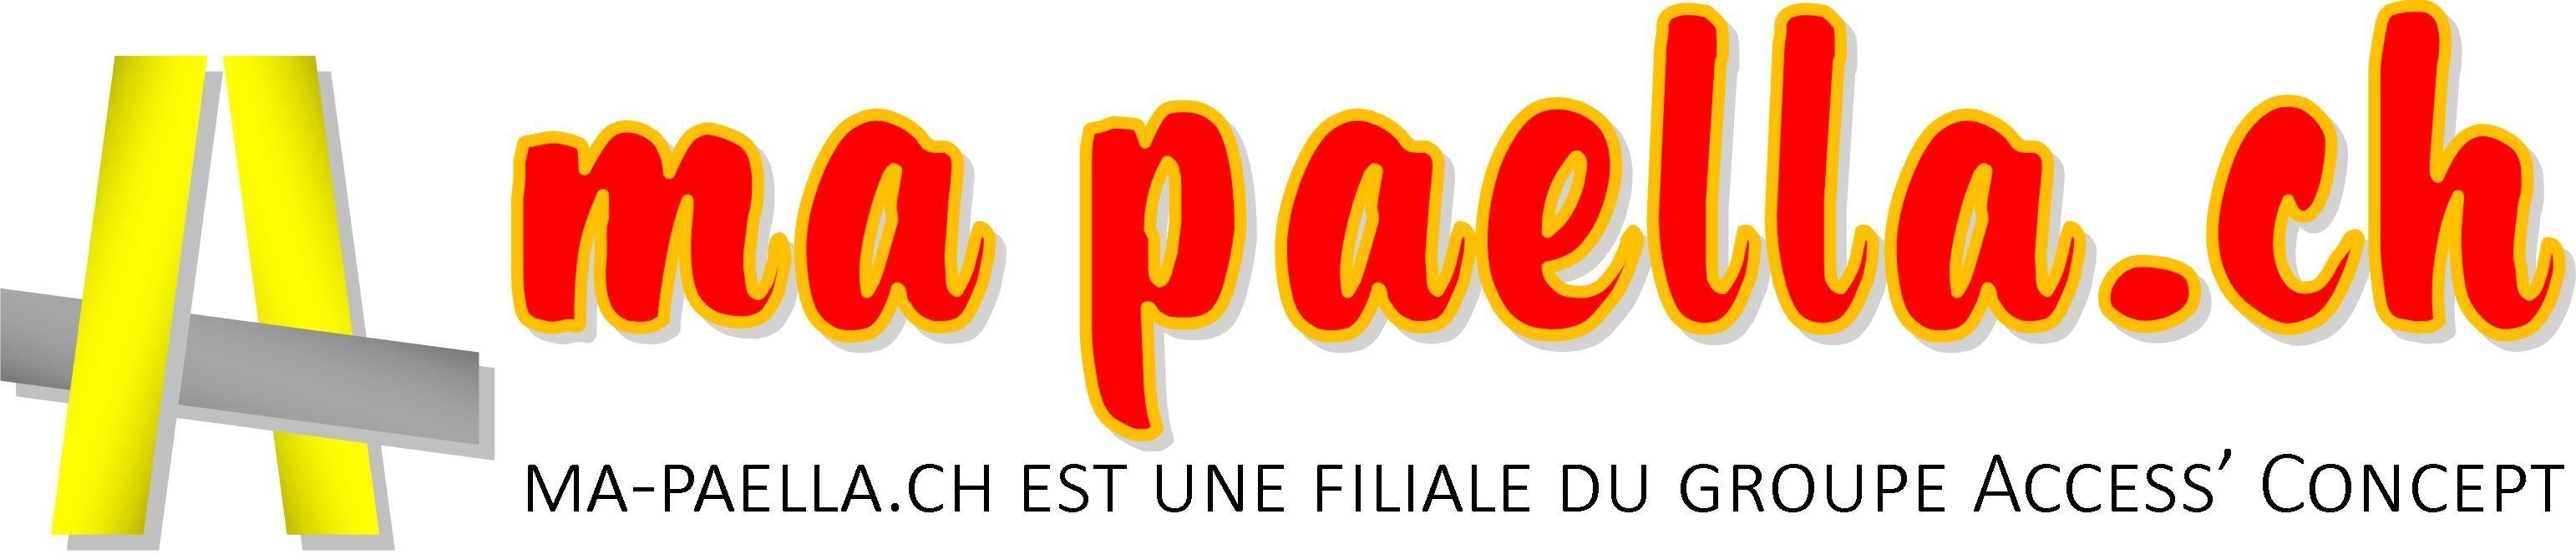 ma-paella.ch